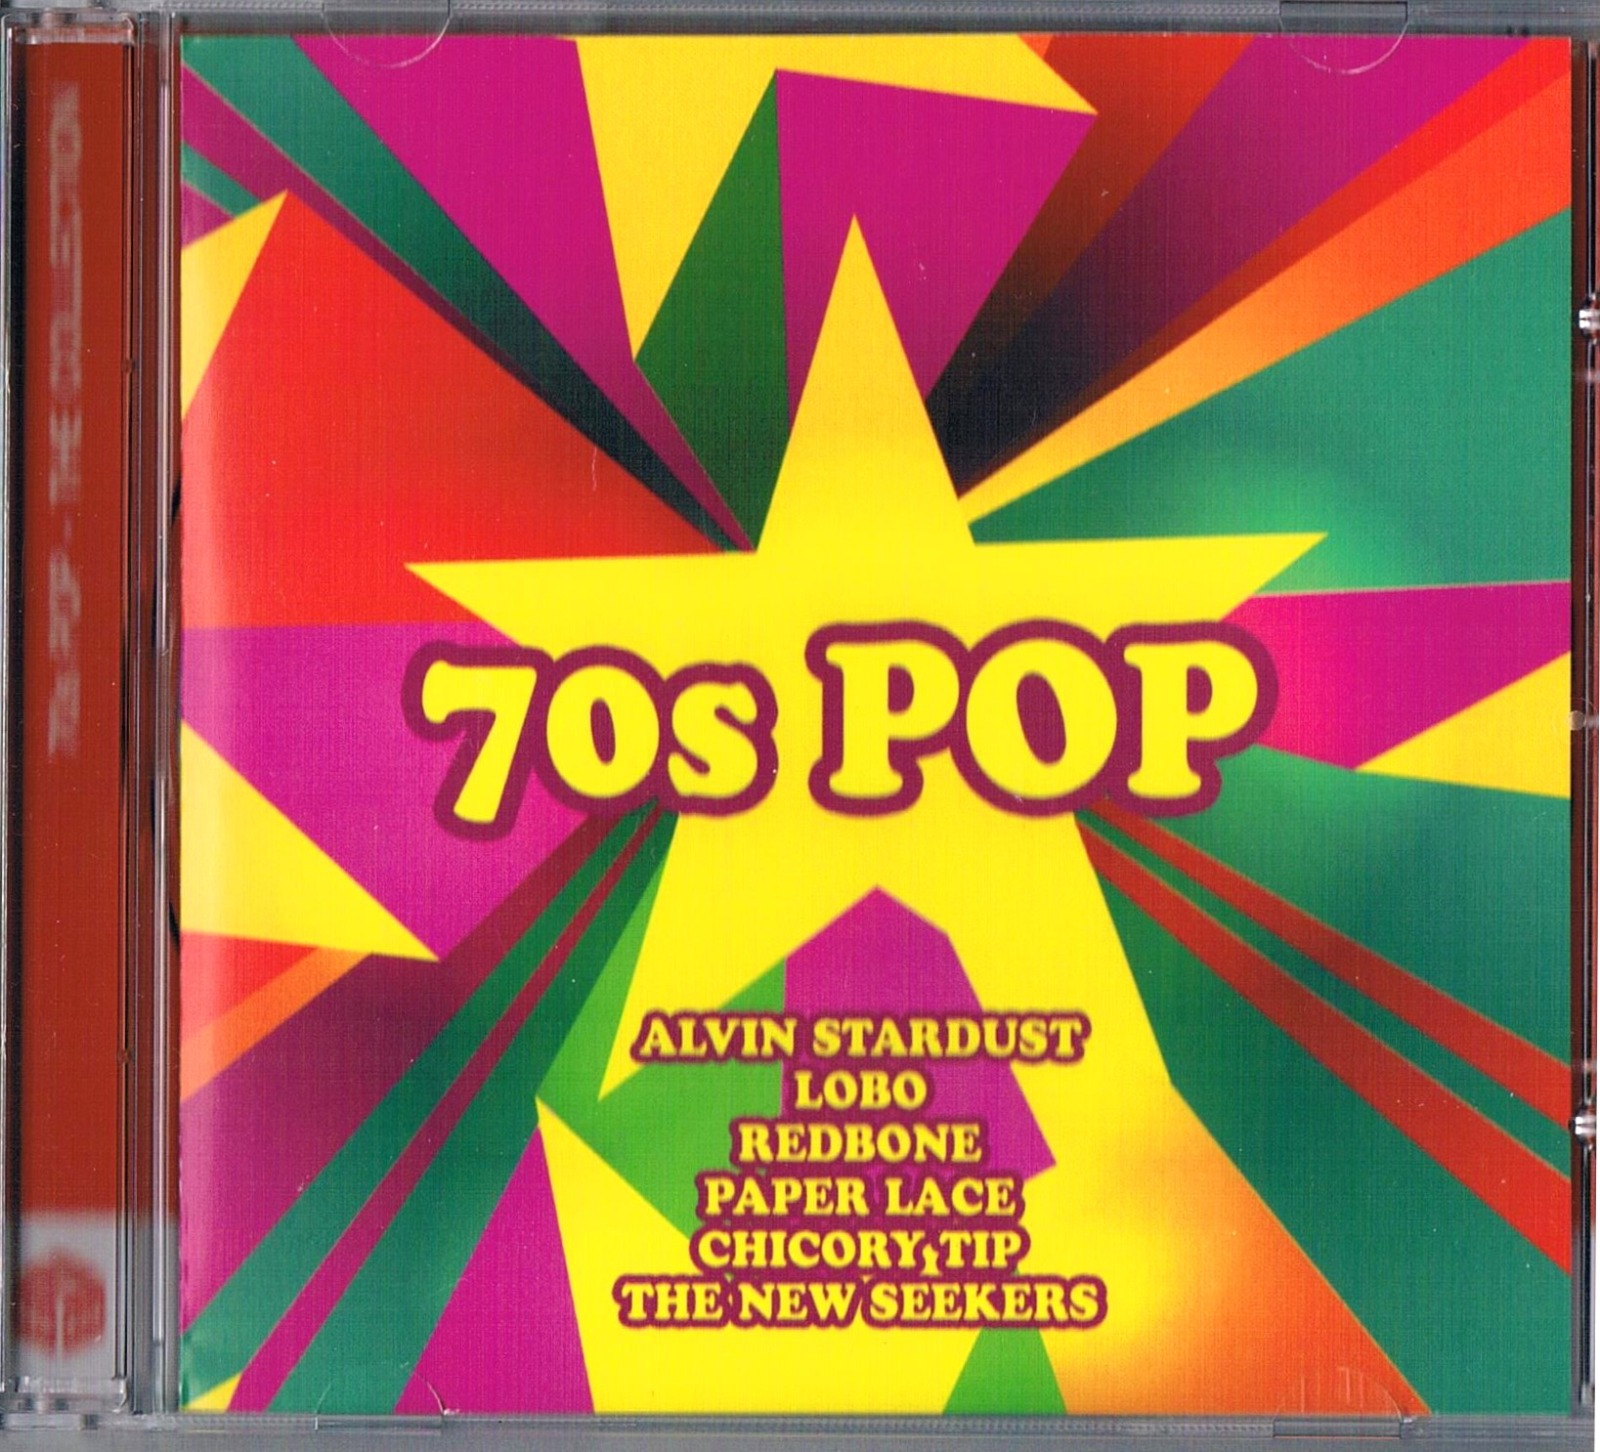 70s POP - CD